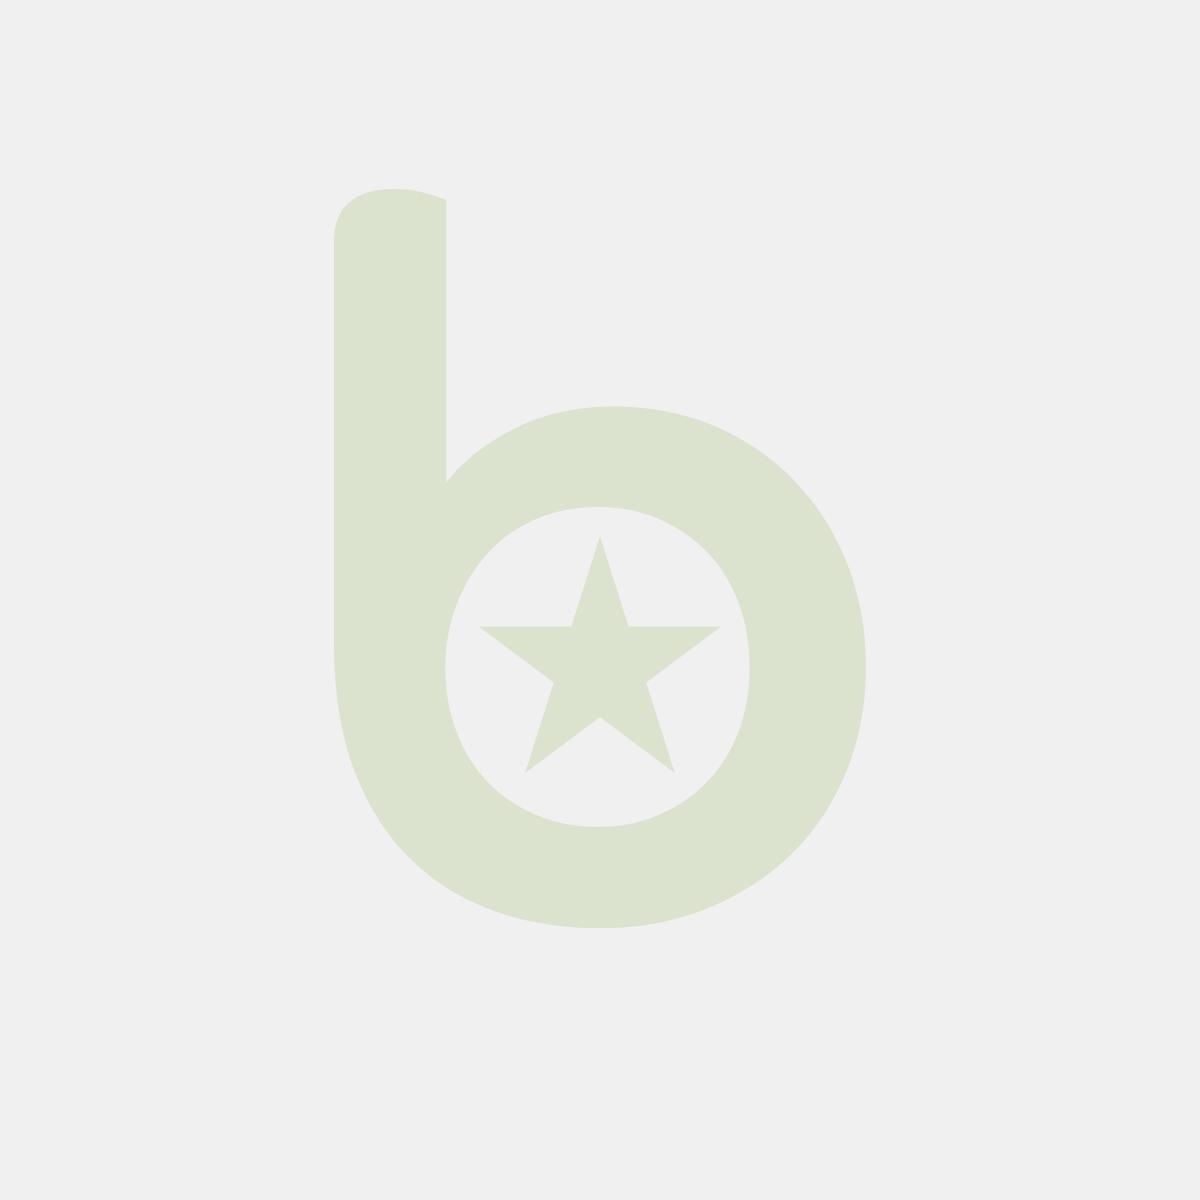 bb7155b96e566 Torebka ozdobna T7 wymiary 100x220x60